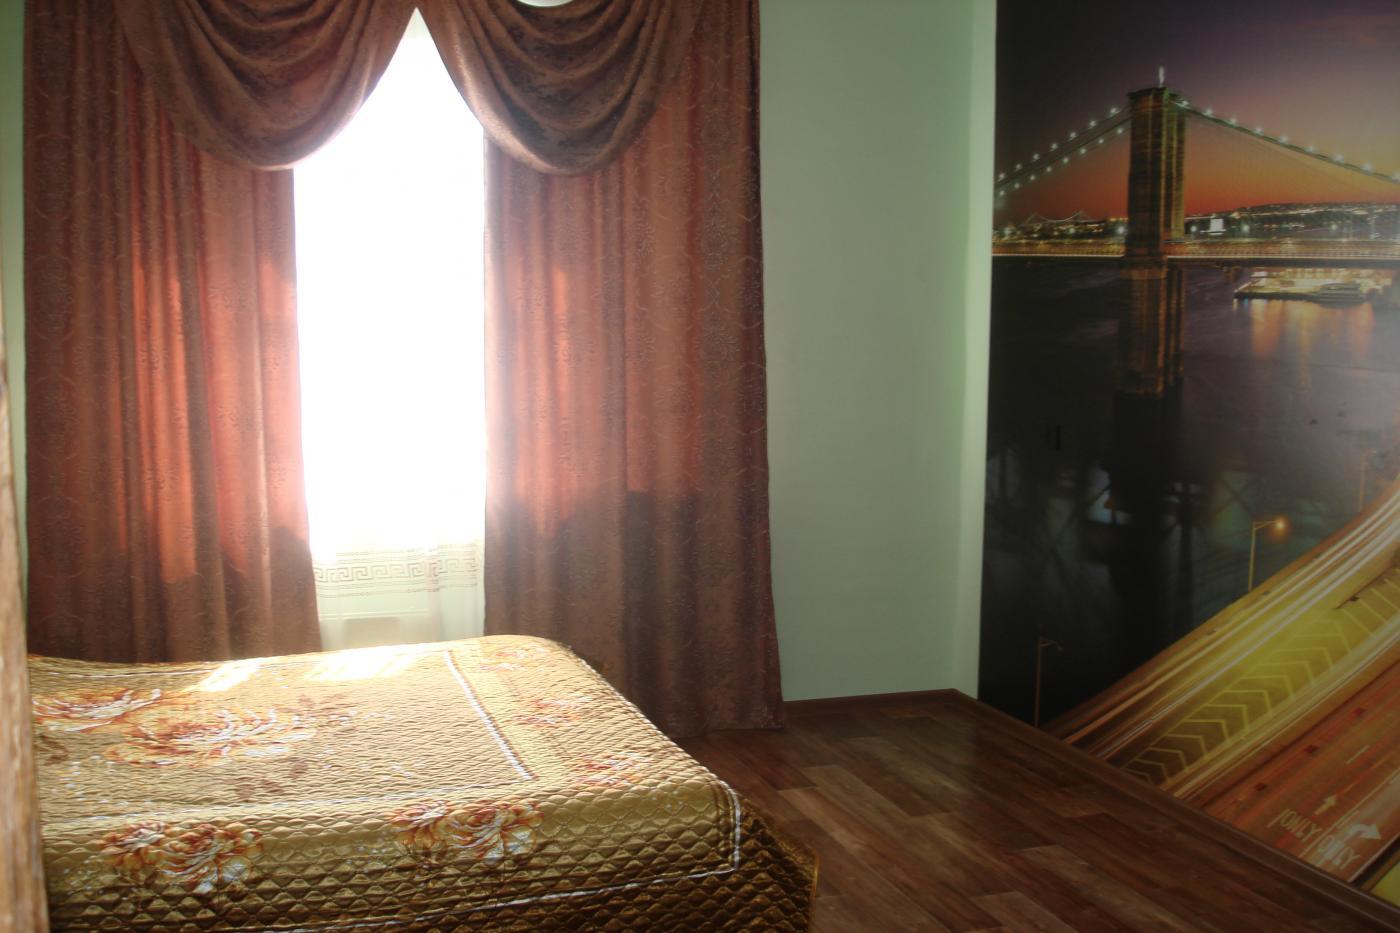 2-комнатная квартира посуточно (вариант № 603), ул. лизюкова улица, фото № 5